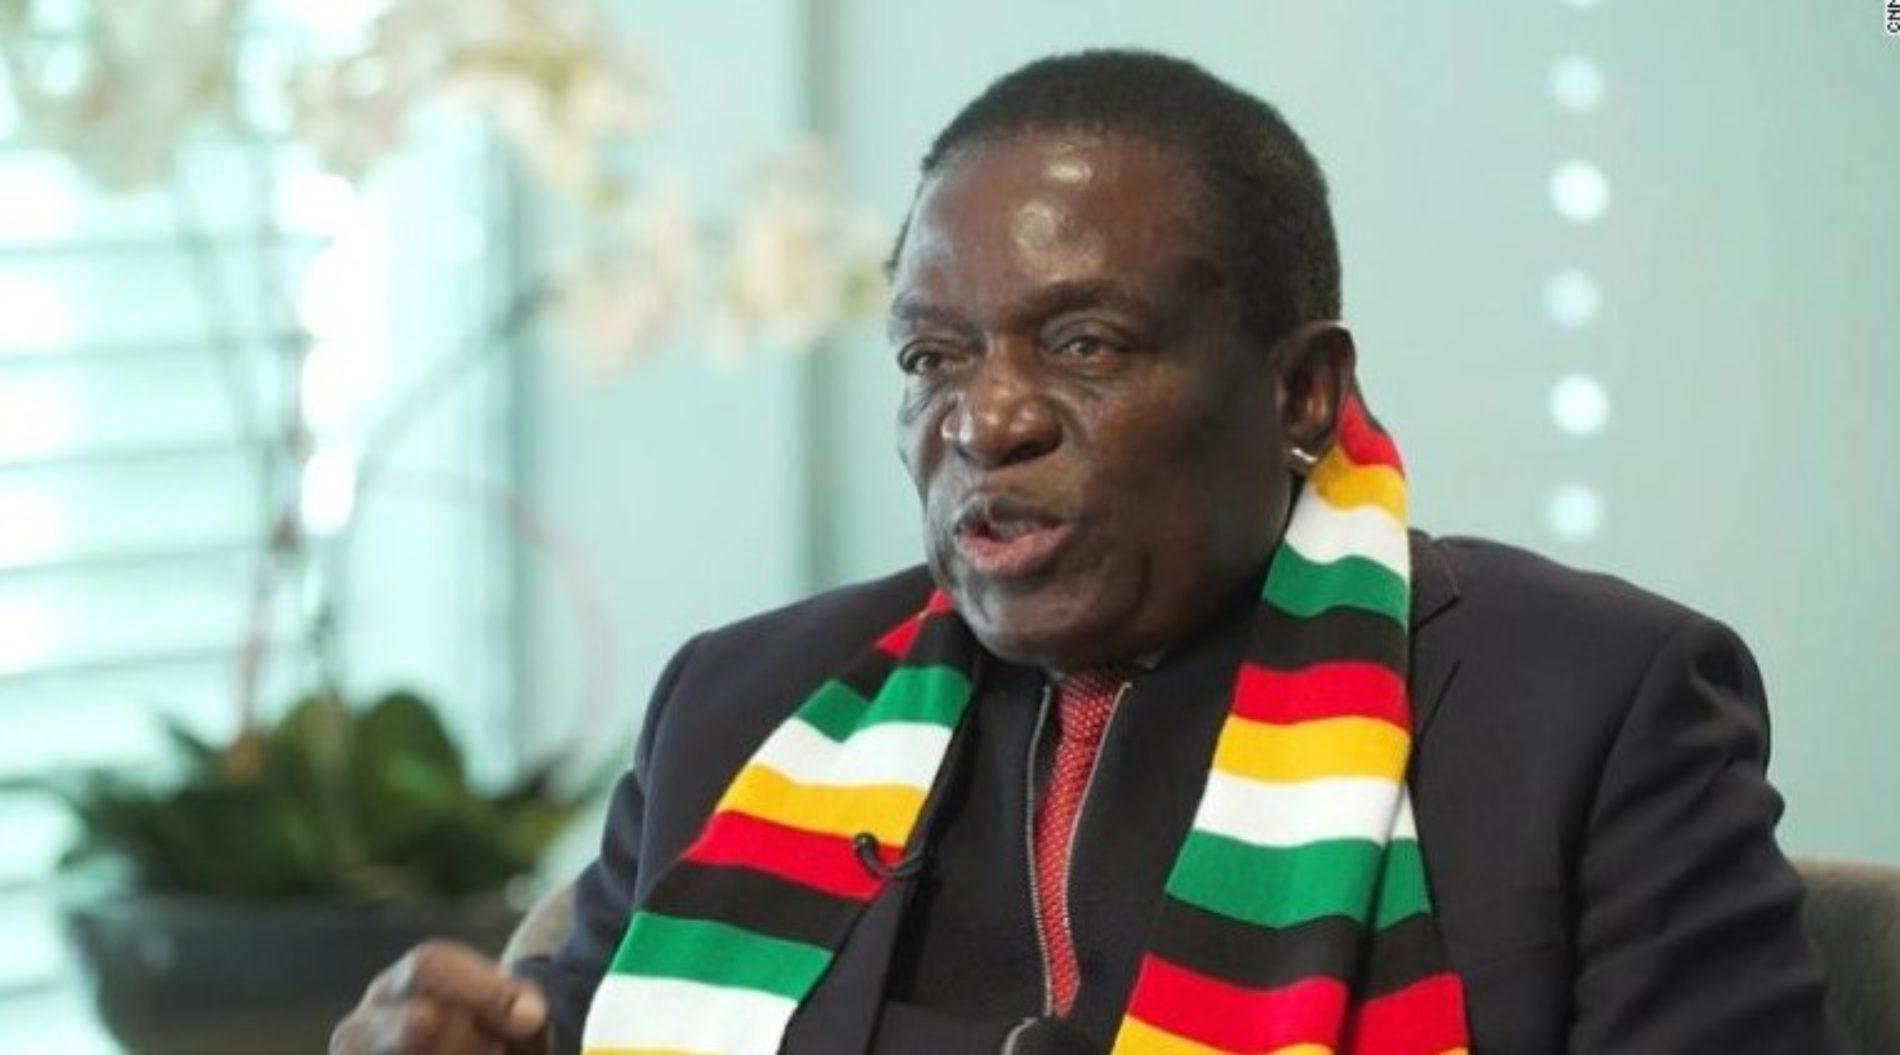 President Mugabe's successor, Emmerson Mnangagwa, says he won't legalize gay relations in Zimbabwe